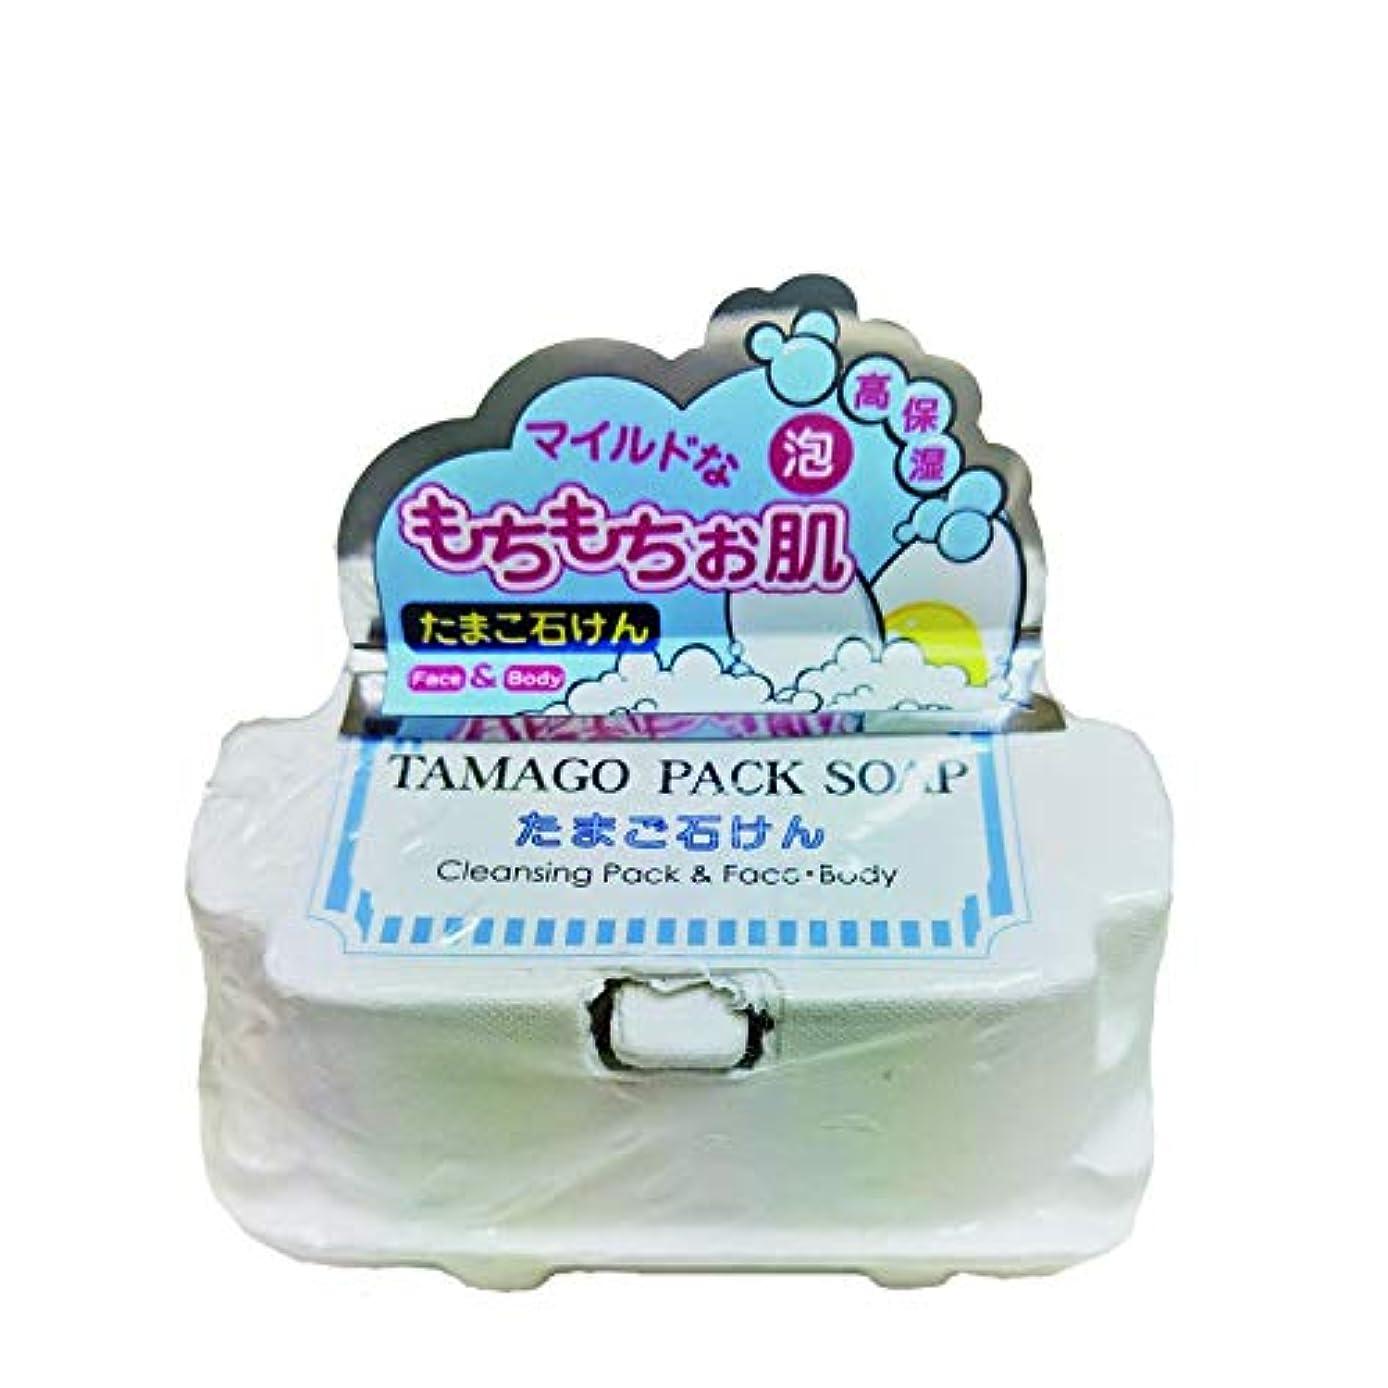 バッチ狂人業界シンビジャパン たまご石けん TAMAGO PACK SOAP フェイス?ボディ用 50g×2個入